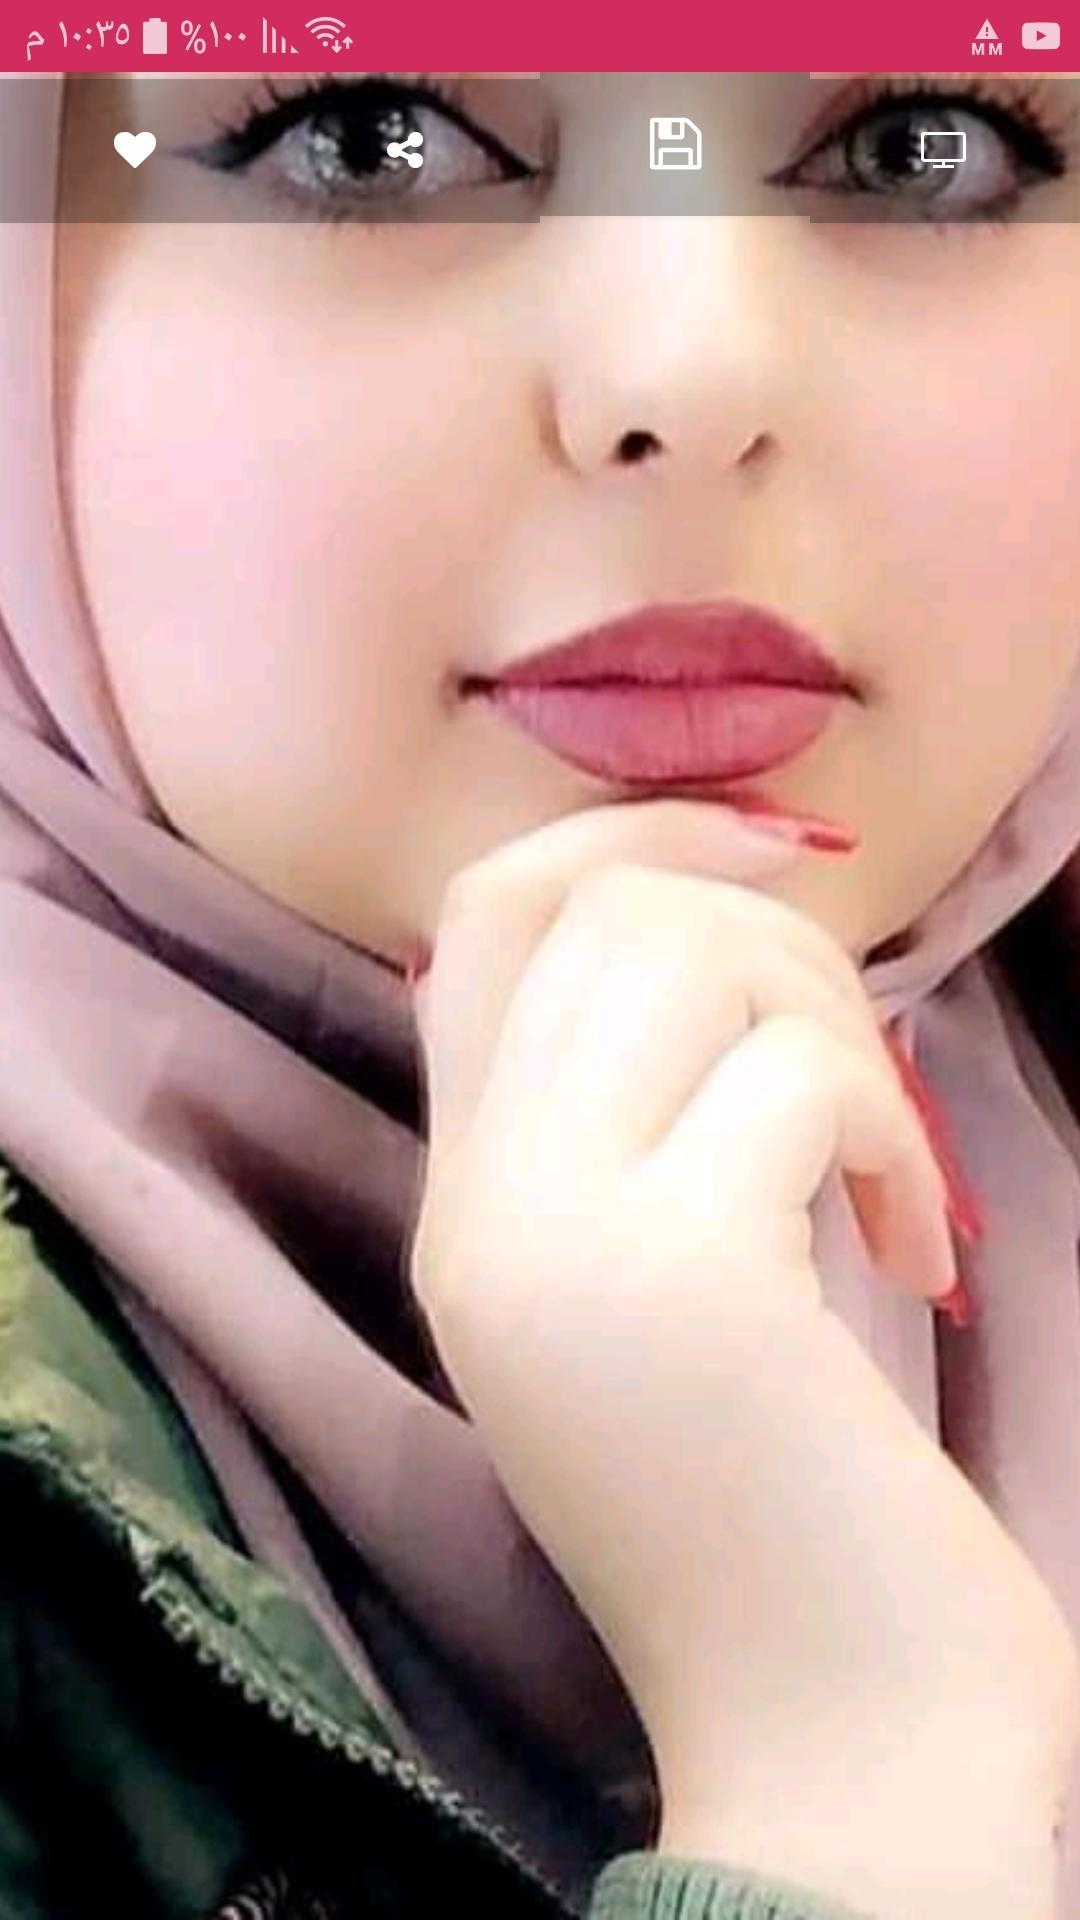 تحميل صور بنات جميلة جدا عرب للفيس بوك 14